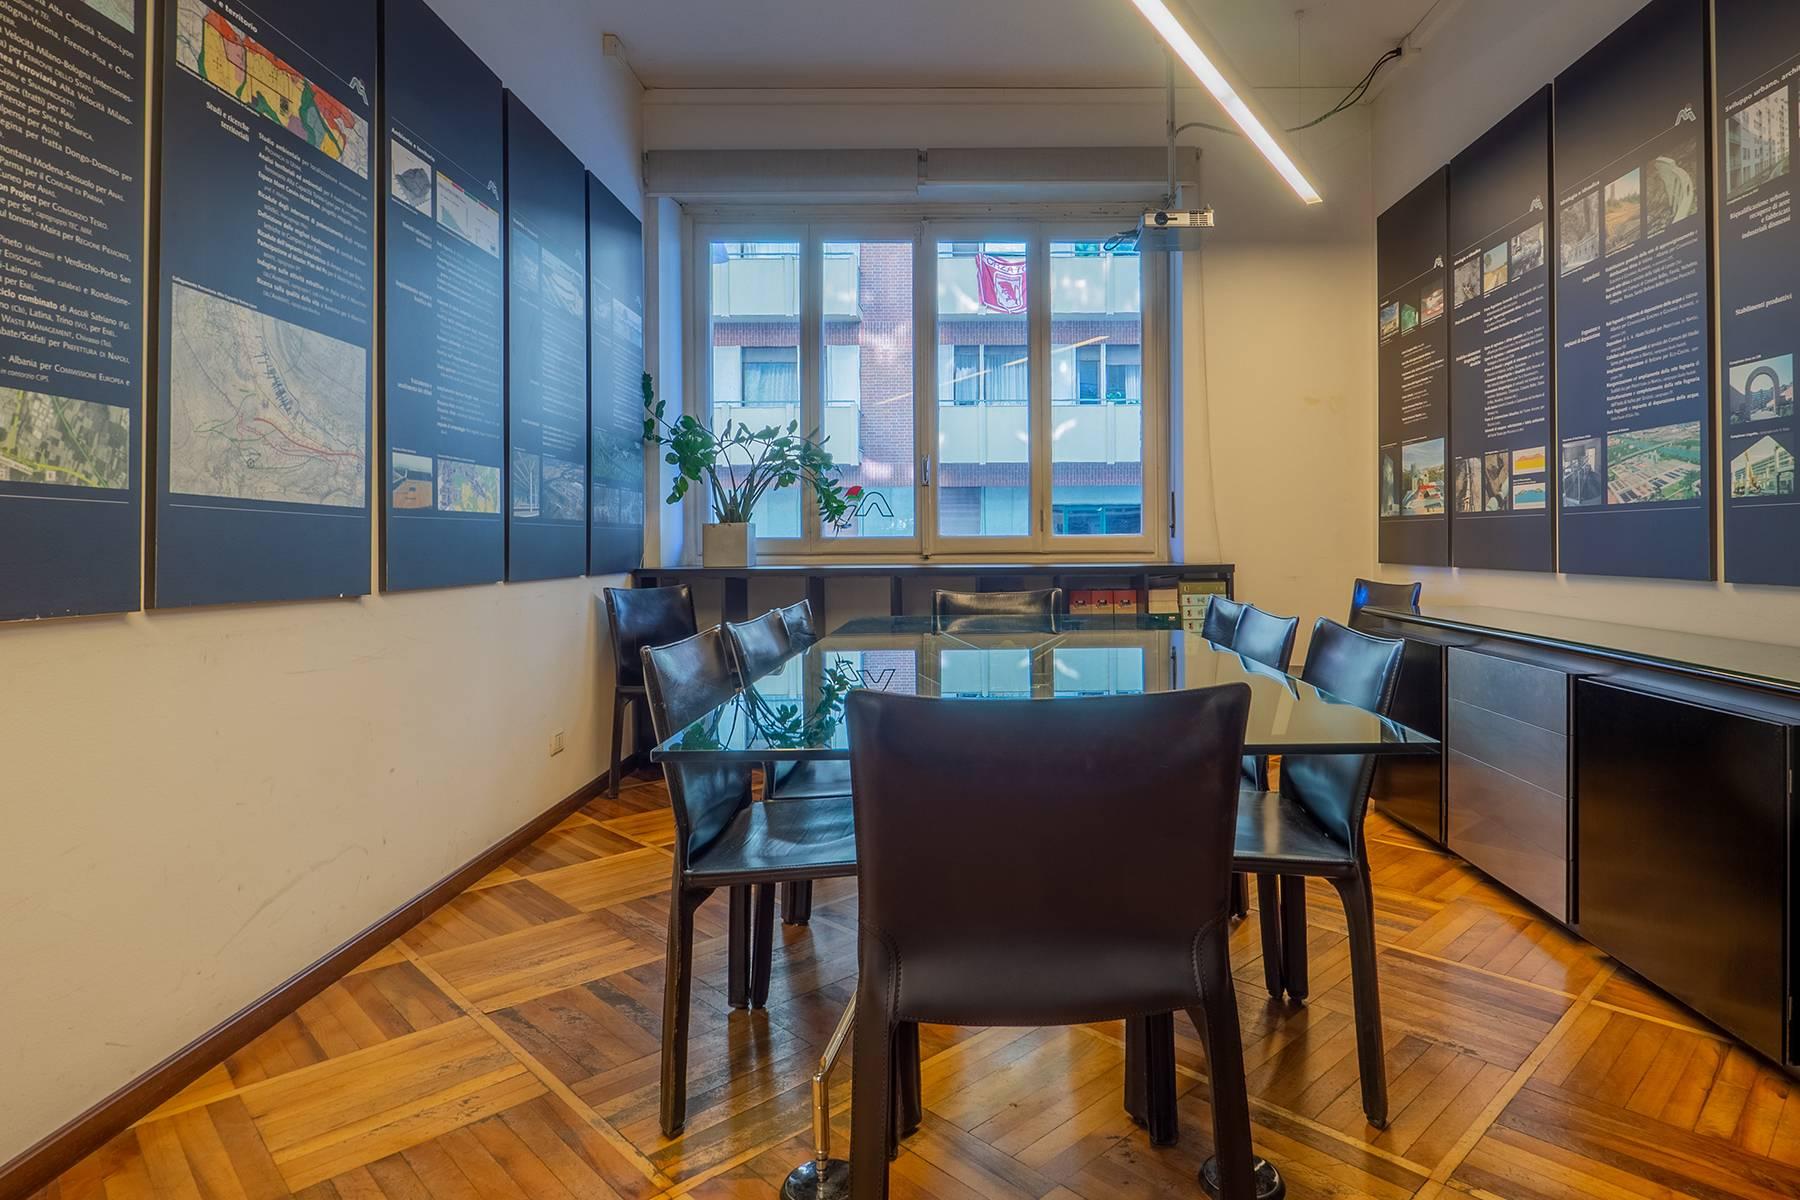 Ufficio-studio in Vendita a Torino: 4 locali, 224 mq - Foto 11